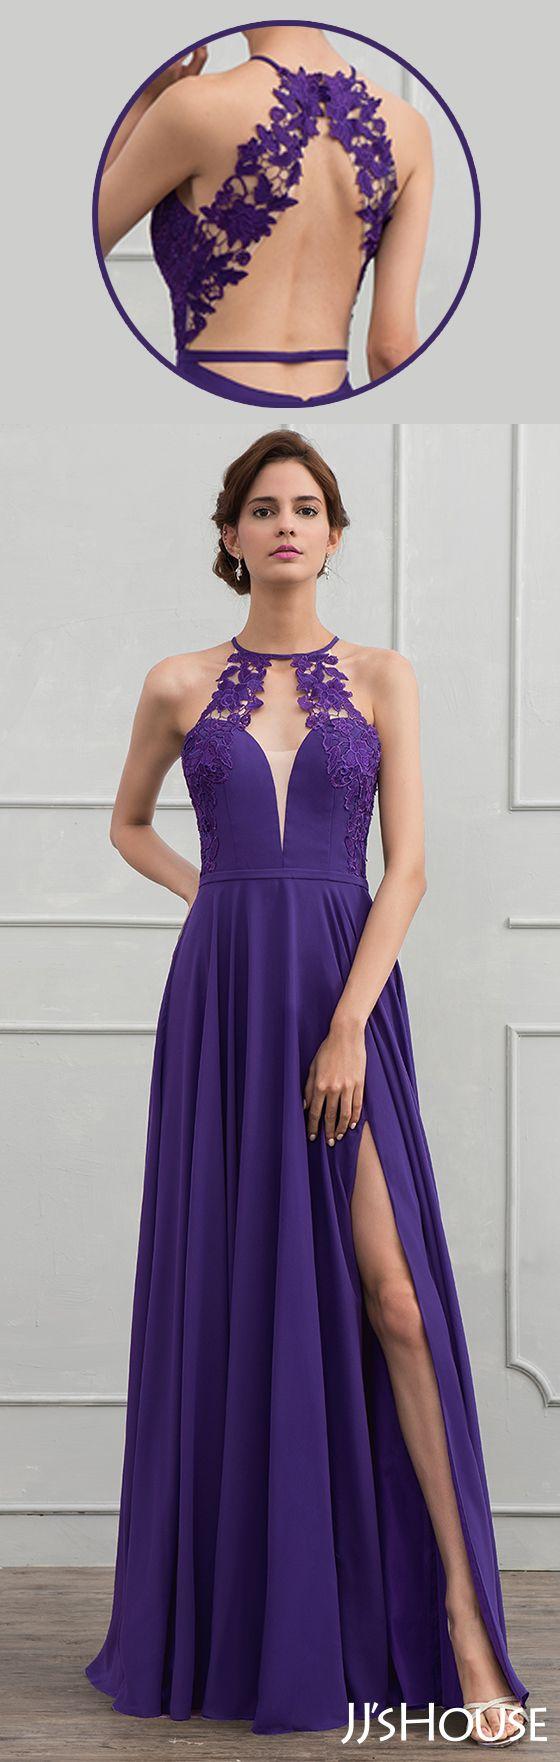 Pin de Dorinca Flores en vestidos | Pinterest | Vestiditos, Vestidos ...